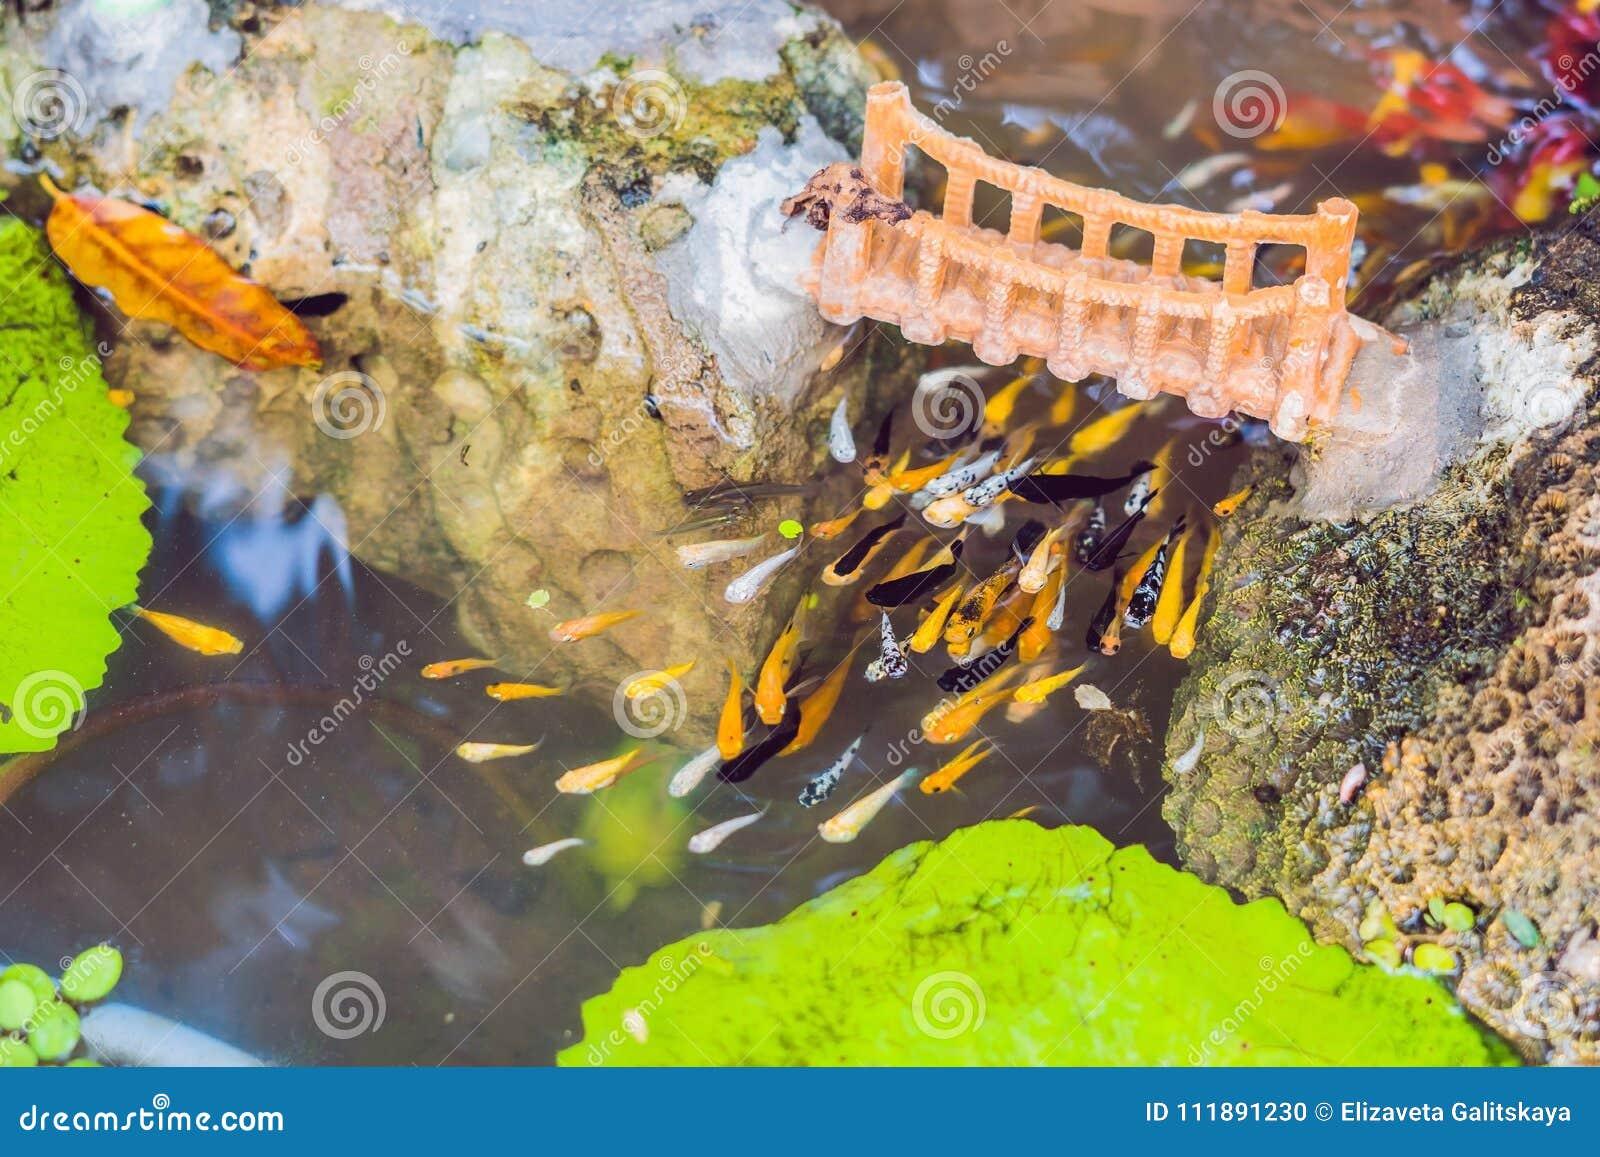 Sikten av kinesträdgårddammet med mångfärgad karpkoi fiskar